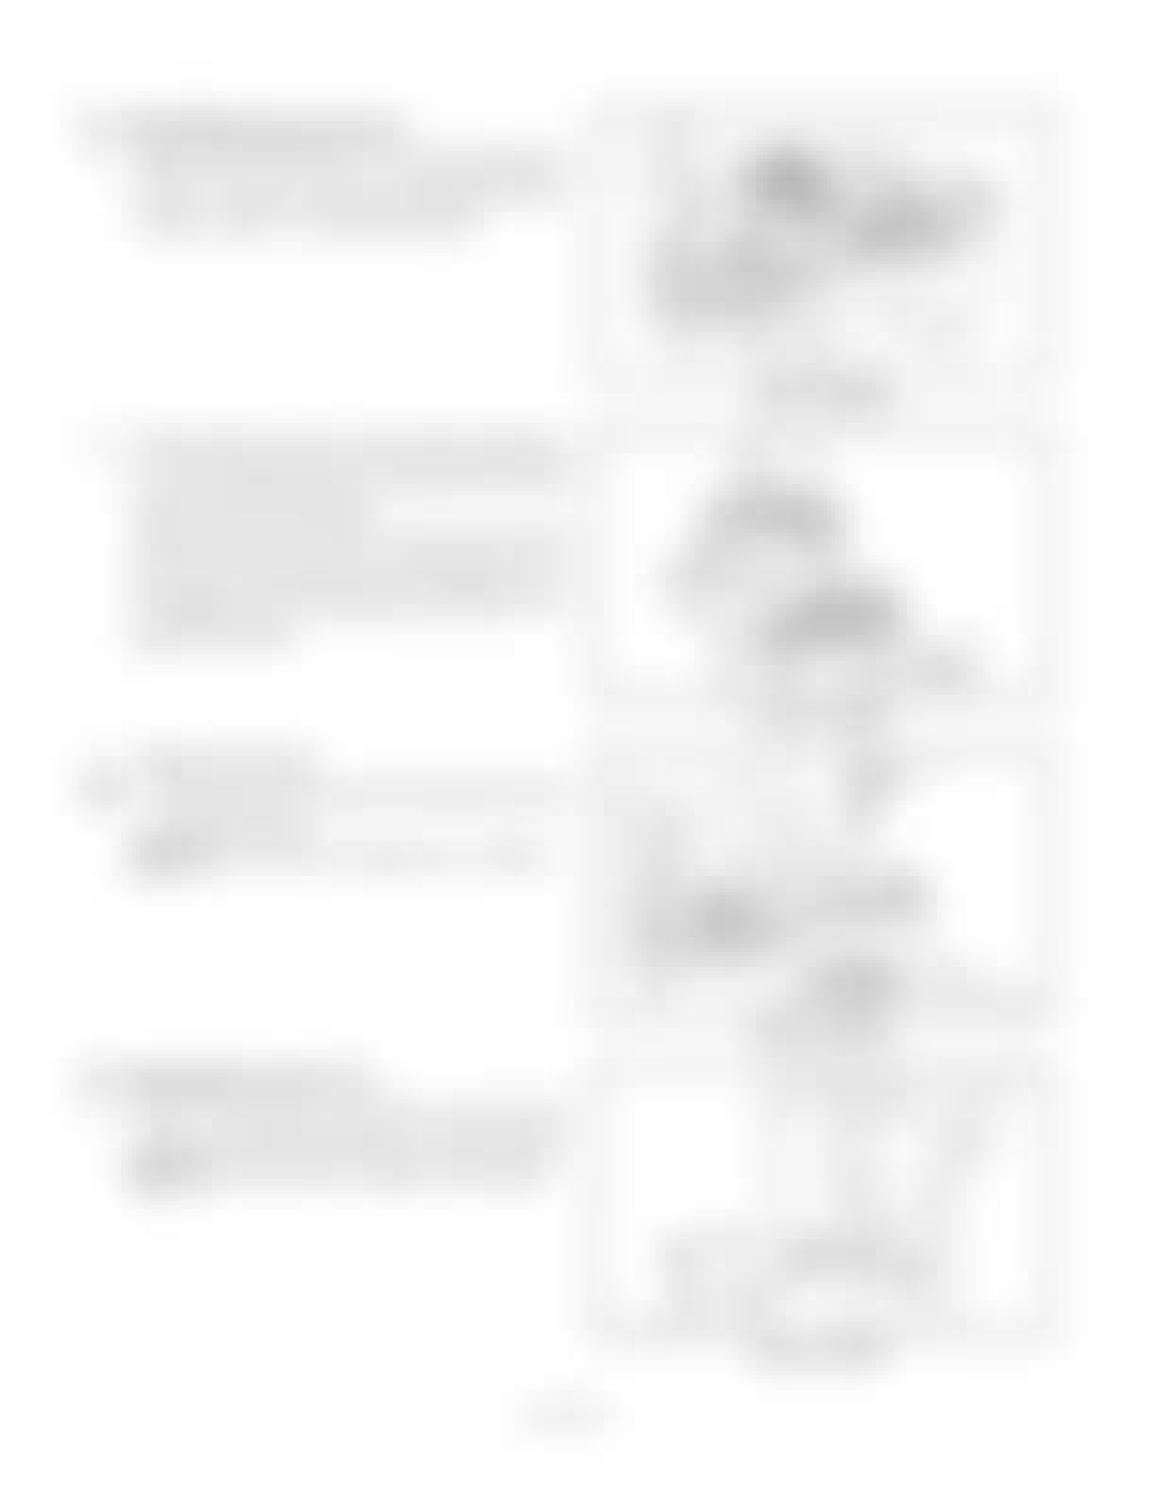 Hitachi LX110-7 LX130-7 LX160-7 LX190-7 LX230-7 Wheel Loader Workshop Manual - PDF DOWNLOAD page 80